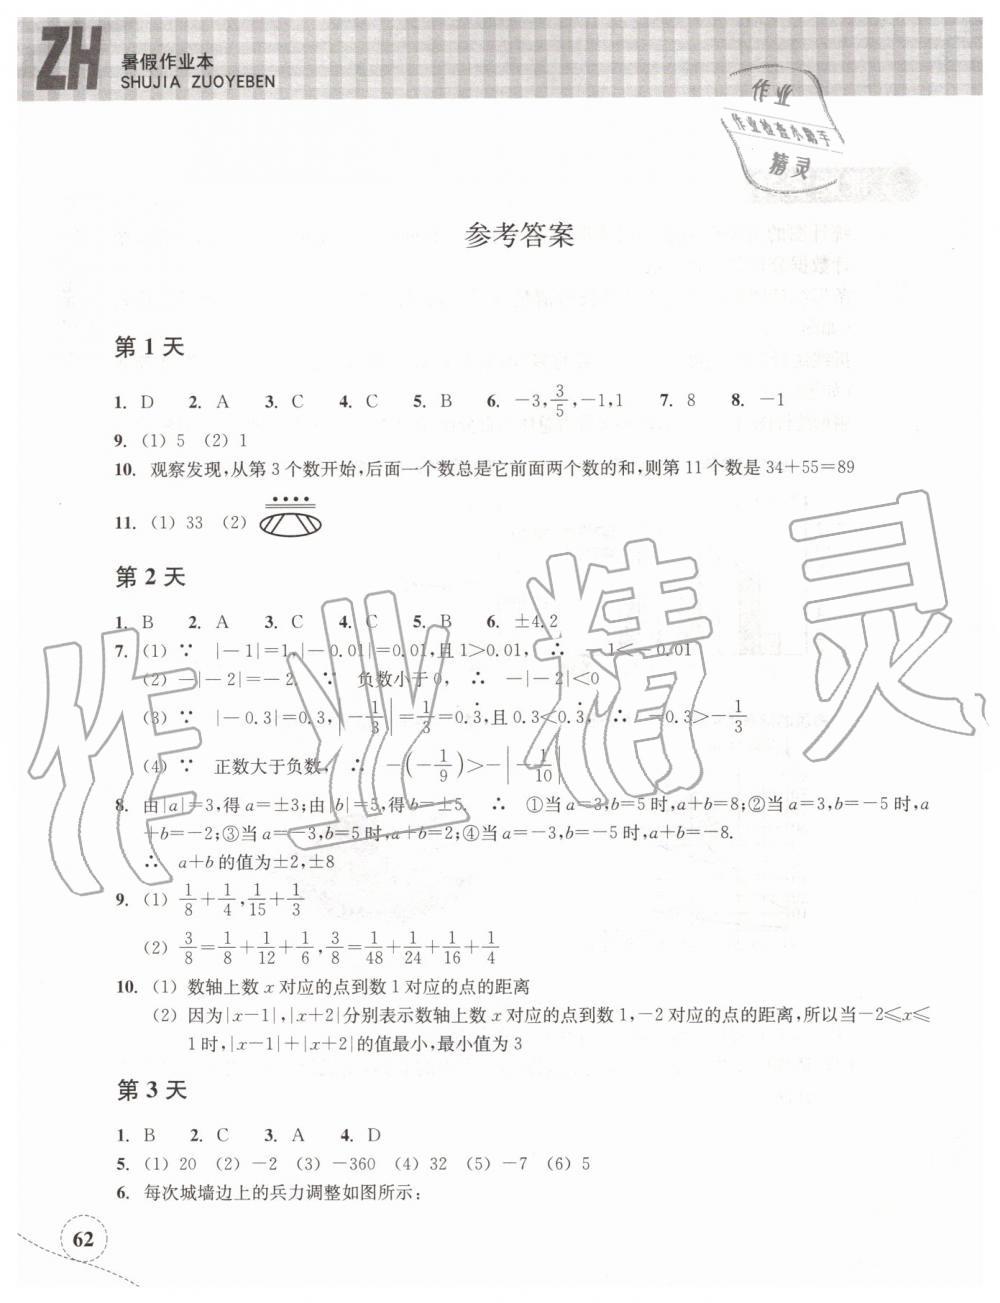 2019年暑假作業本七年級數學浙教版浙江教育出版社第1頁